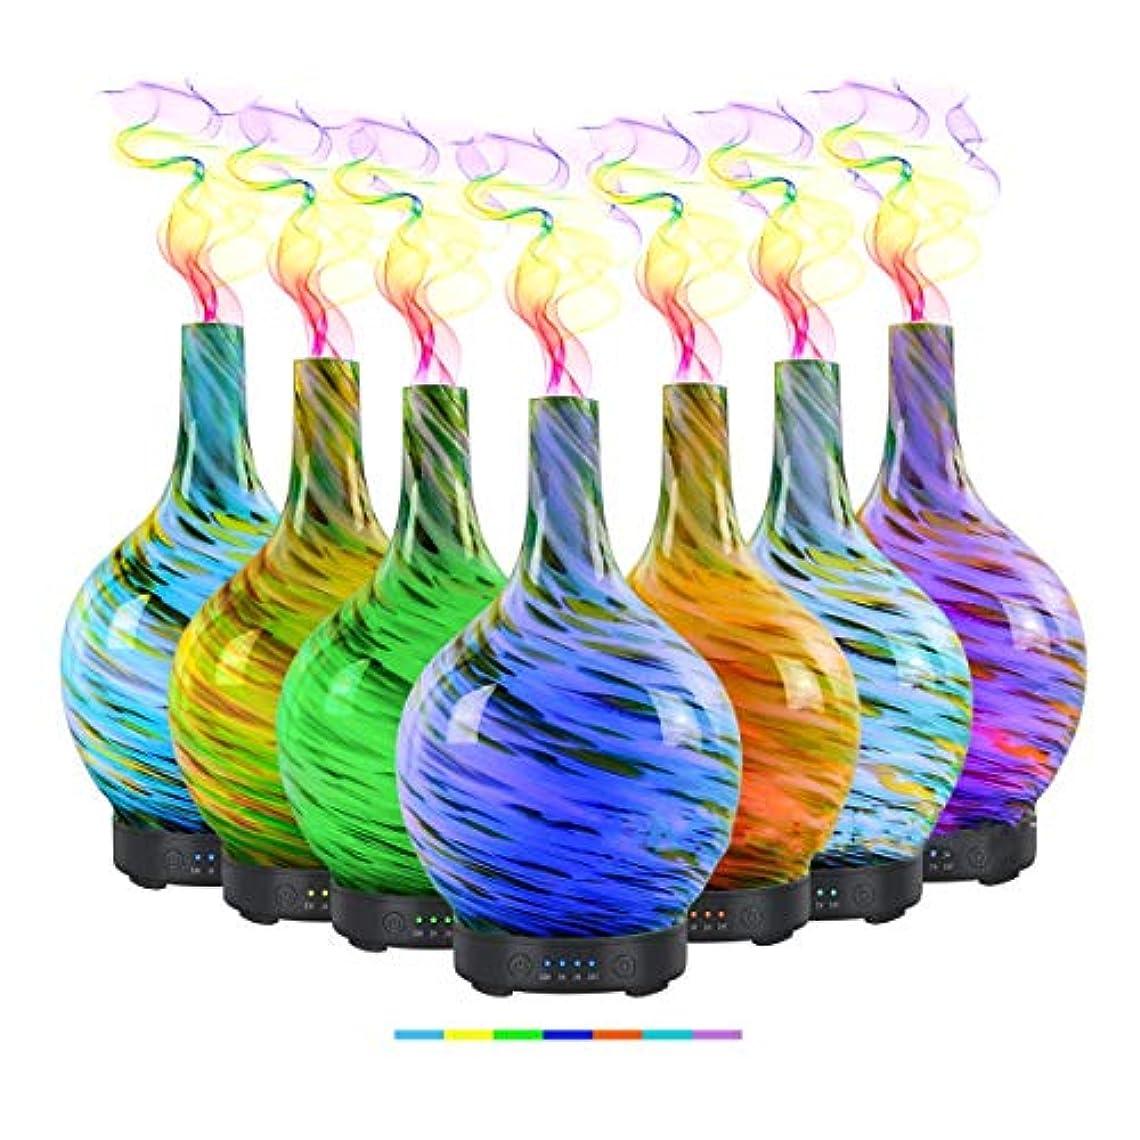 クレタホステス住むディフューザーエッセンシャルオイル (100ml)-3 d アートガラス葉海アロマ加湿器7色の変更 LED ライト & 4 タイマー設定、水なしの自動シャットオフ